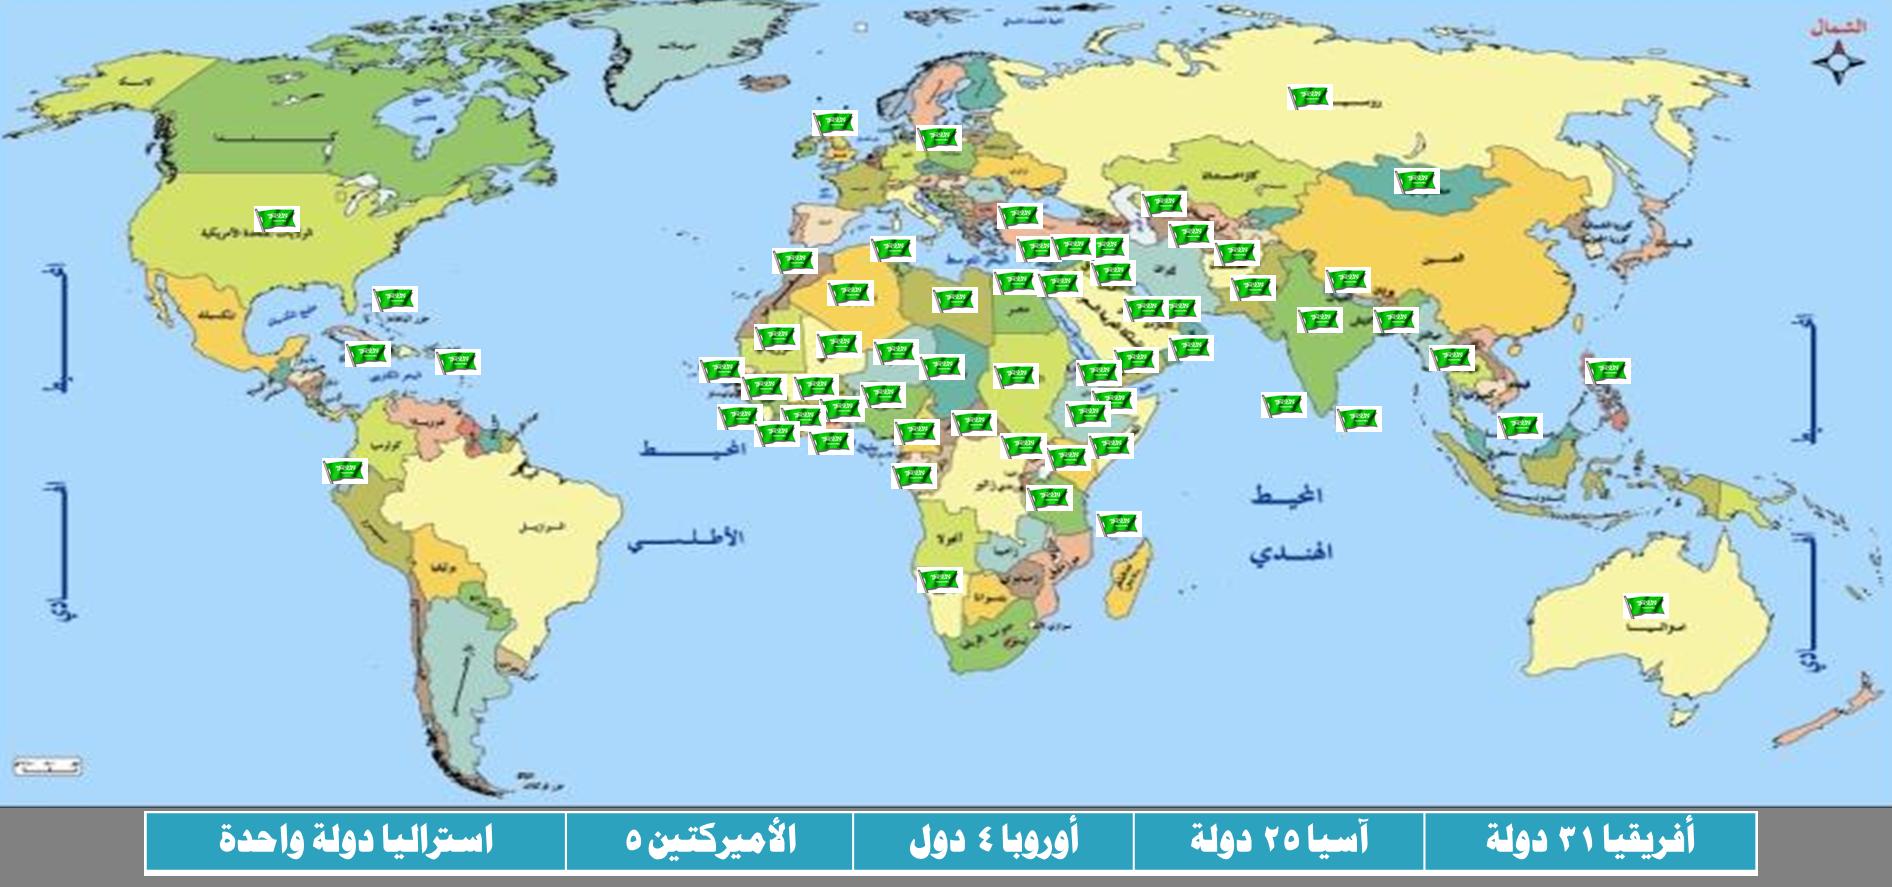 التوزيع الجغرافي لبلدان... - التوزيع الجغرافي لبلدان...